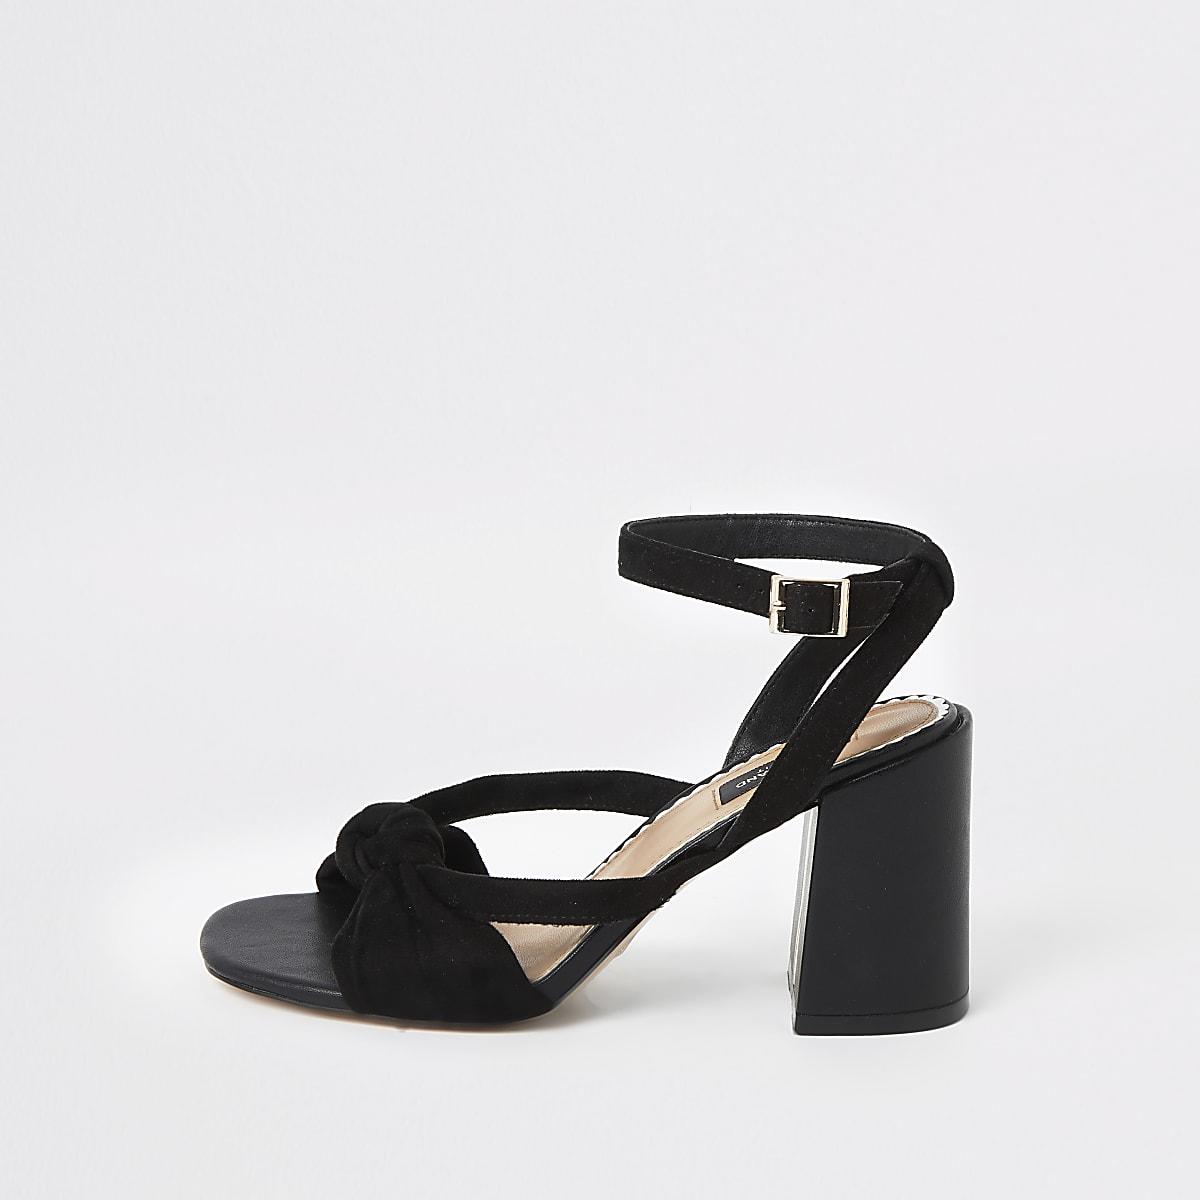 Zwarte sandalen met brede pasvorm, knoop voorop en wijduitlopende hak